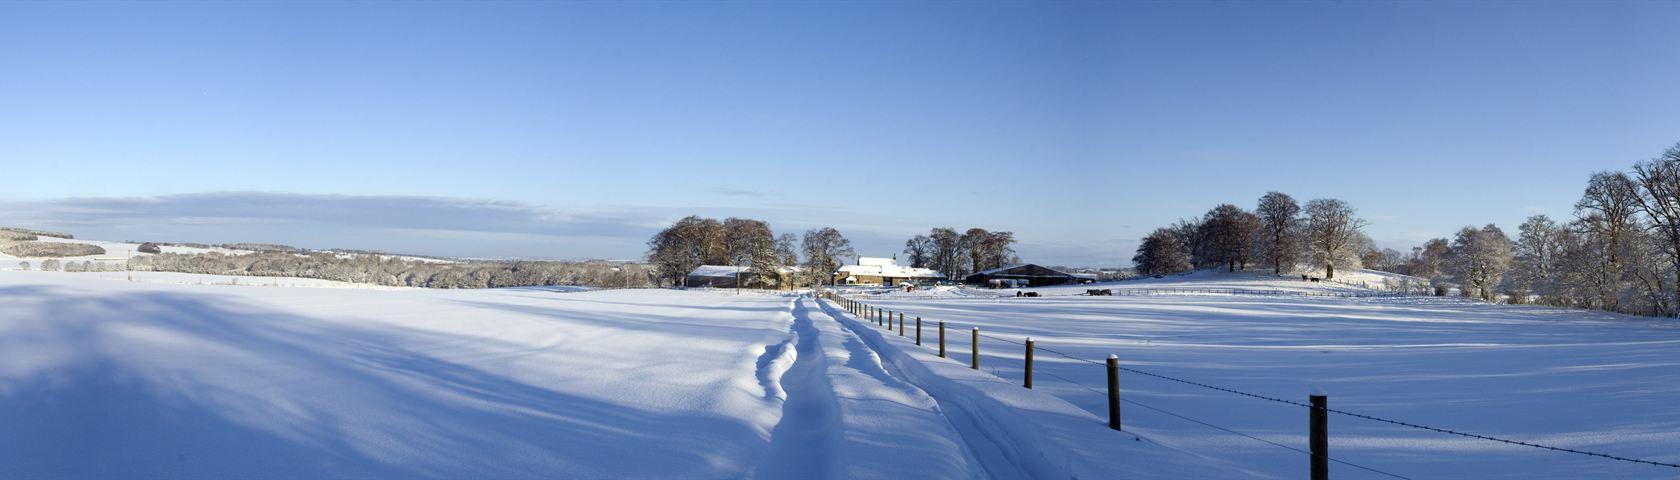 Snowy Rural Scene in Scotland